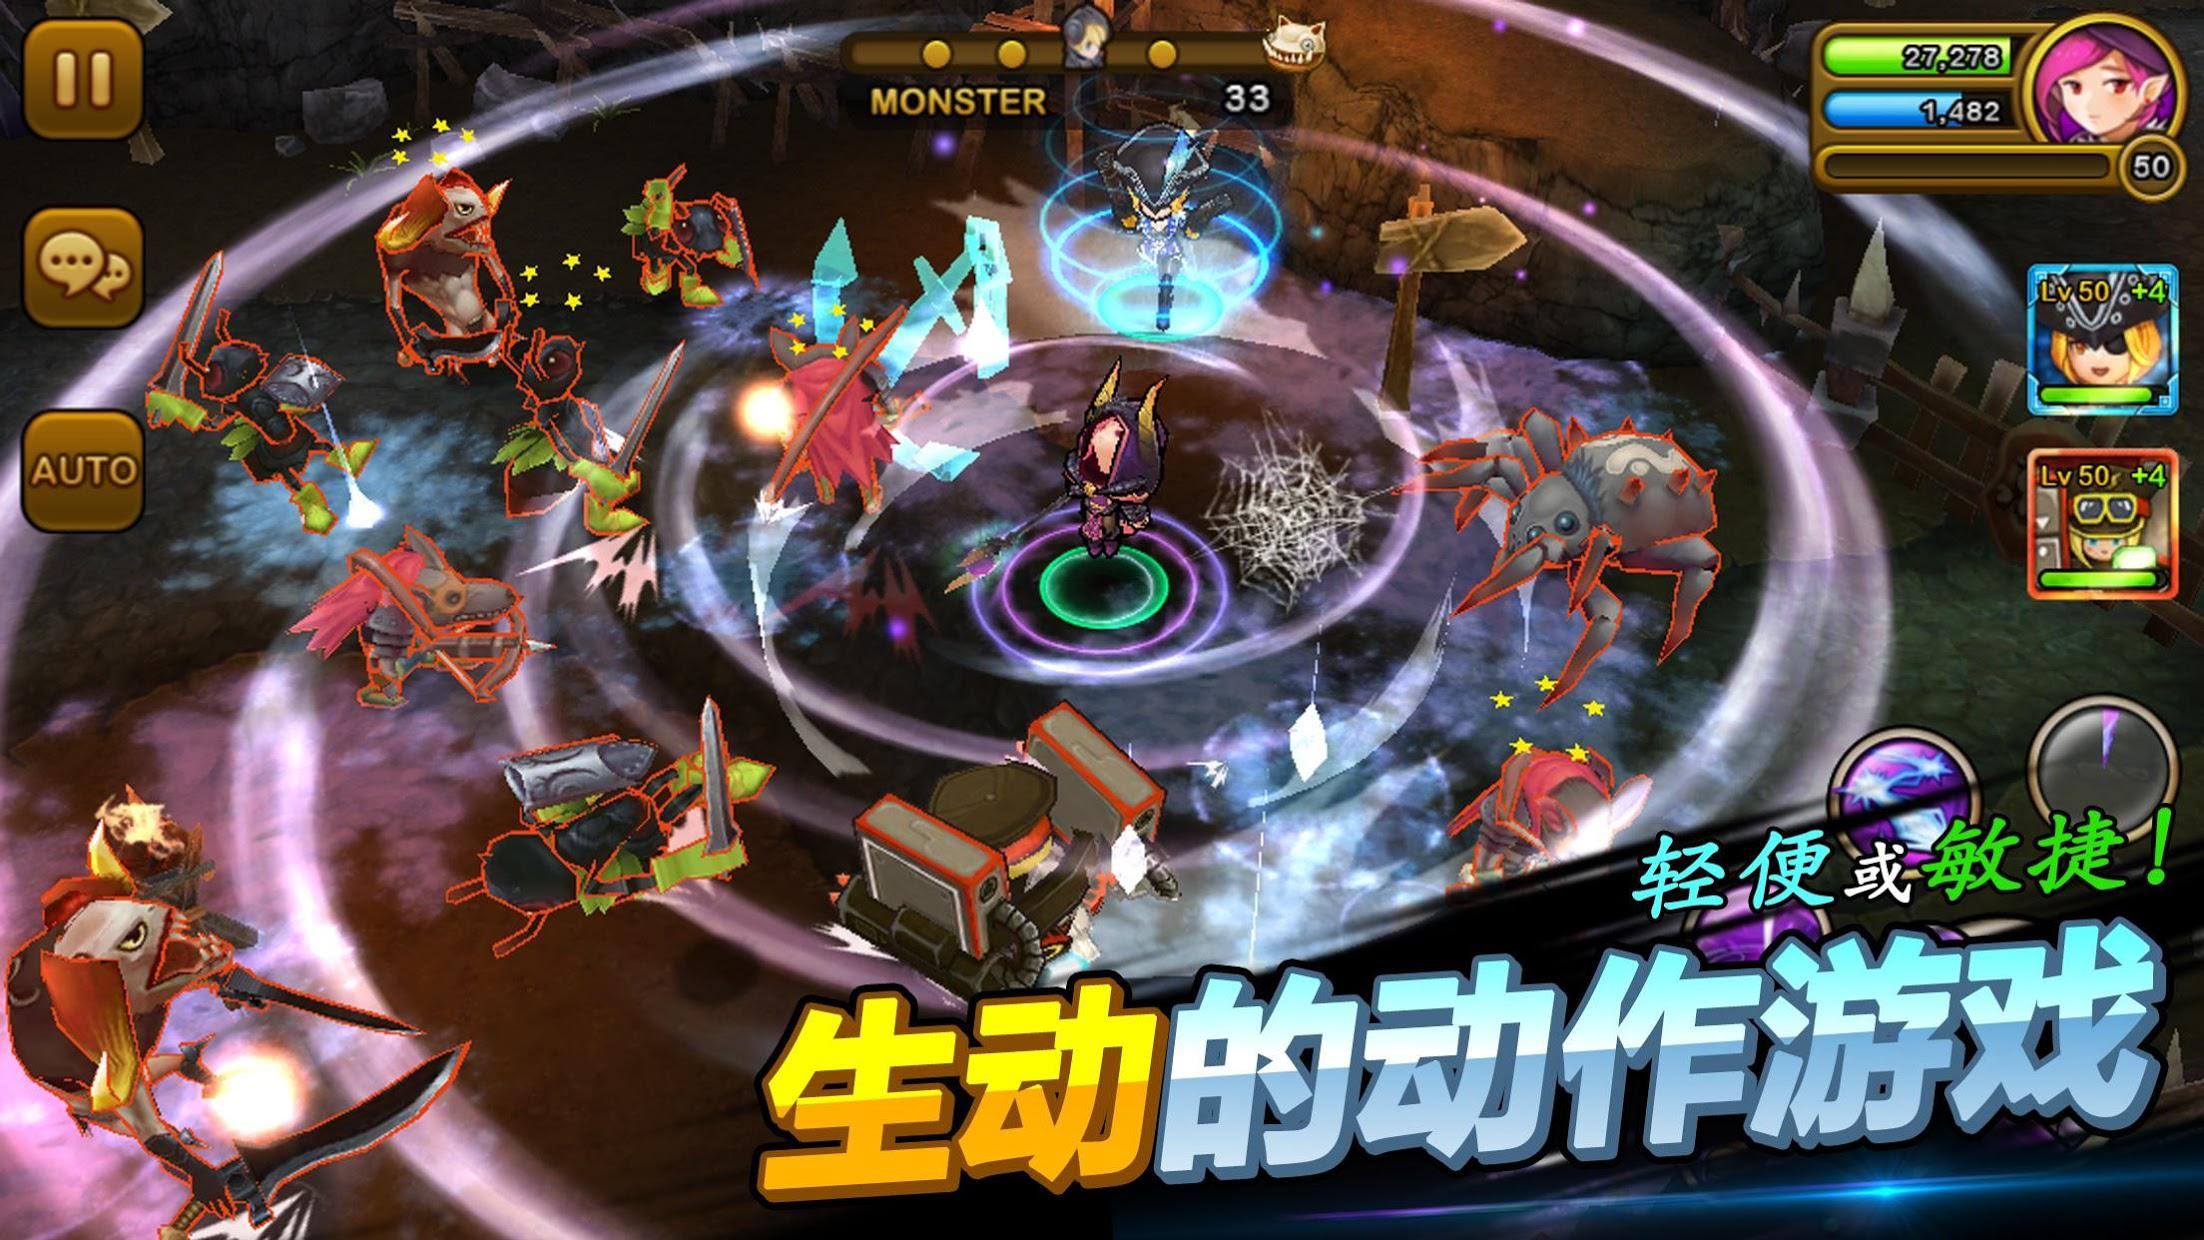 守护者猎人 游戏截图2